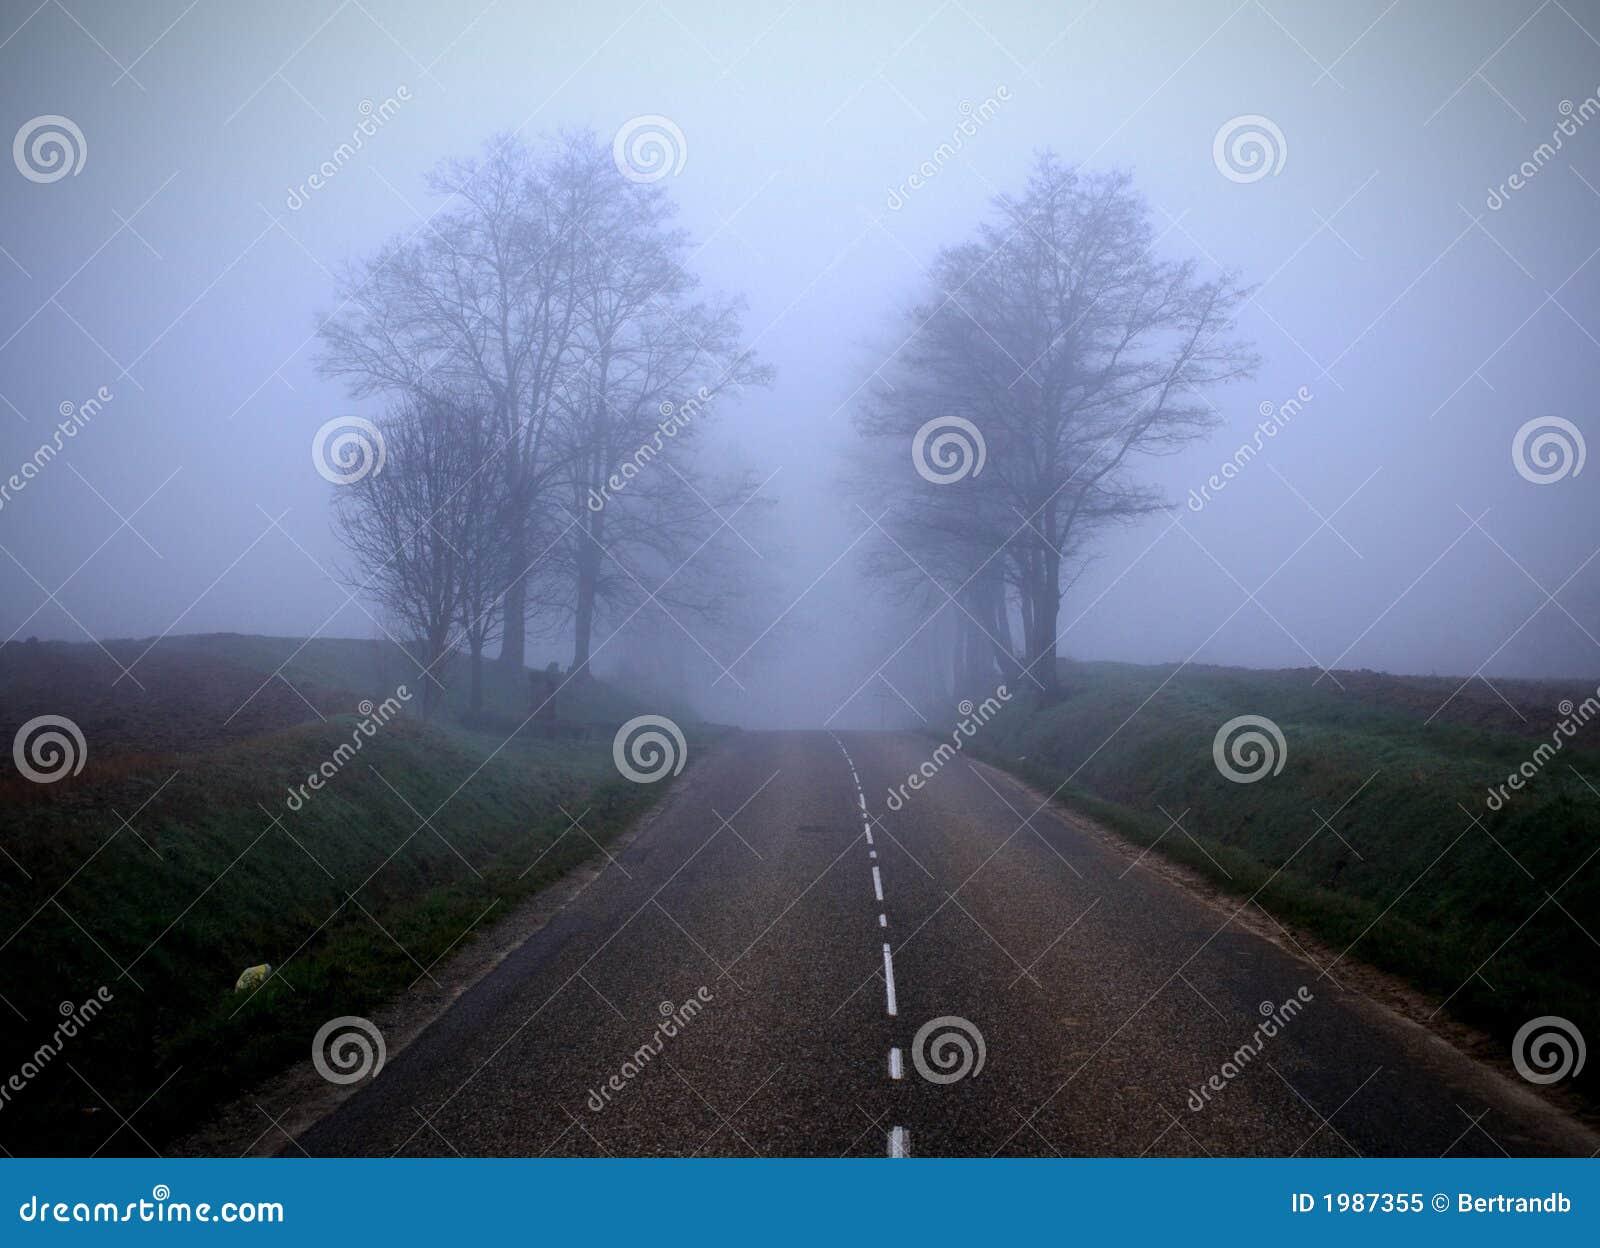 туманная дорога 2